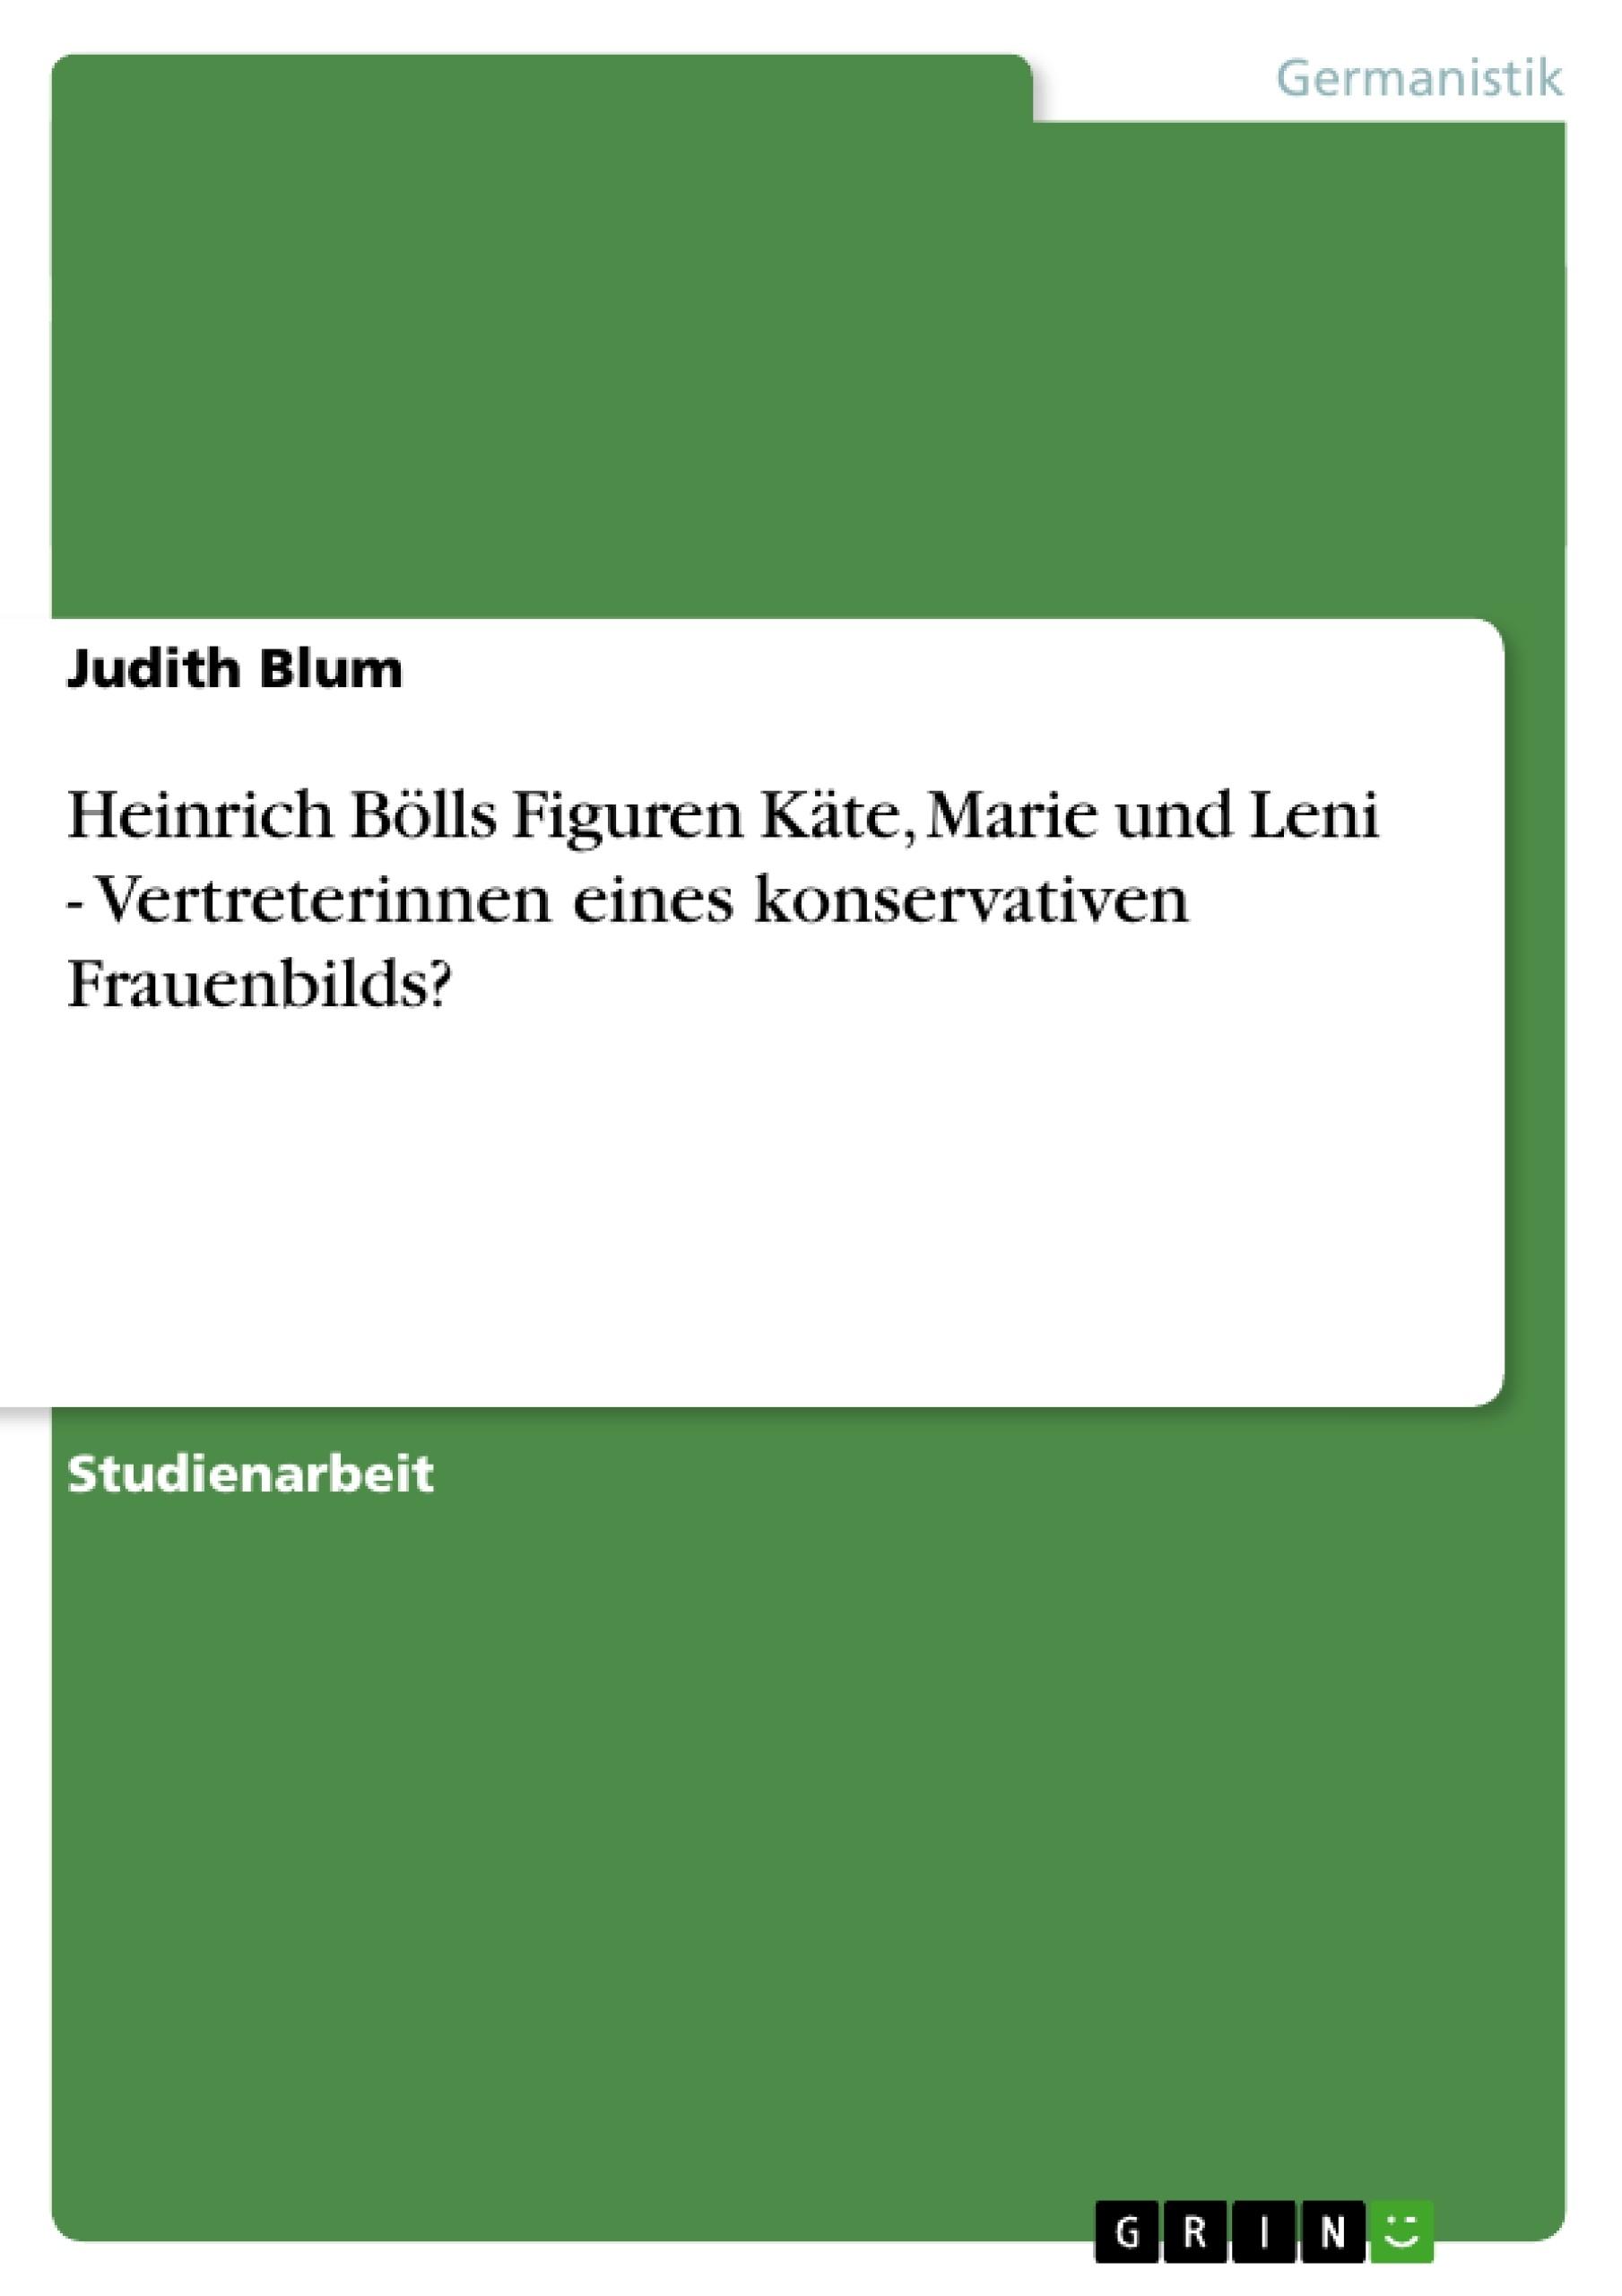 Titel: Heinrich Bölls Figuren Käte, Marie und Leni - Vertreterinnen eines konservativen Frauenbilds?